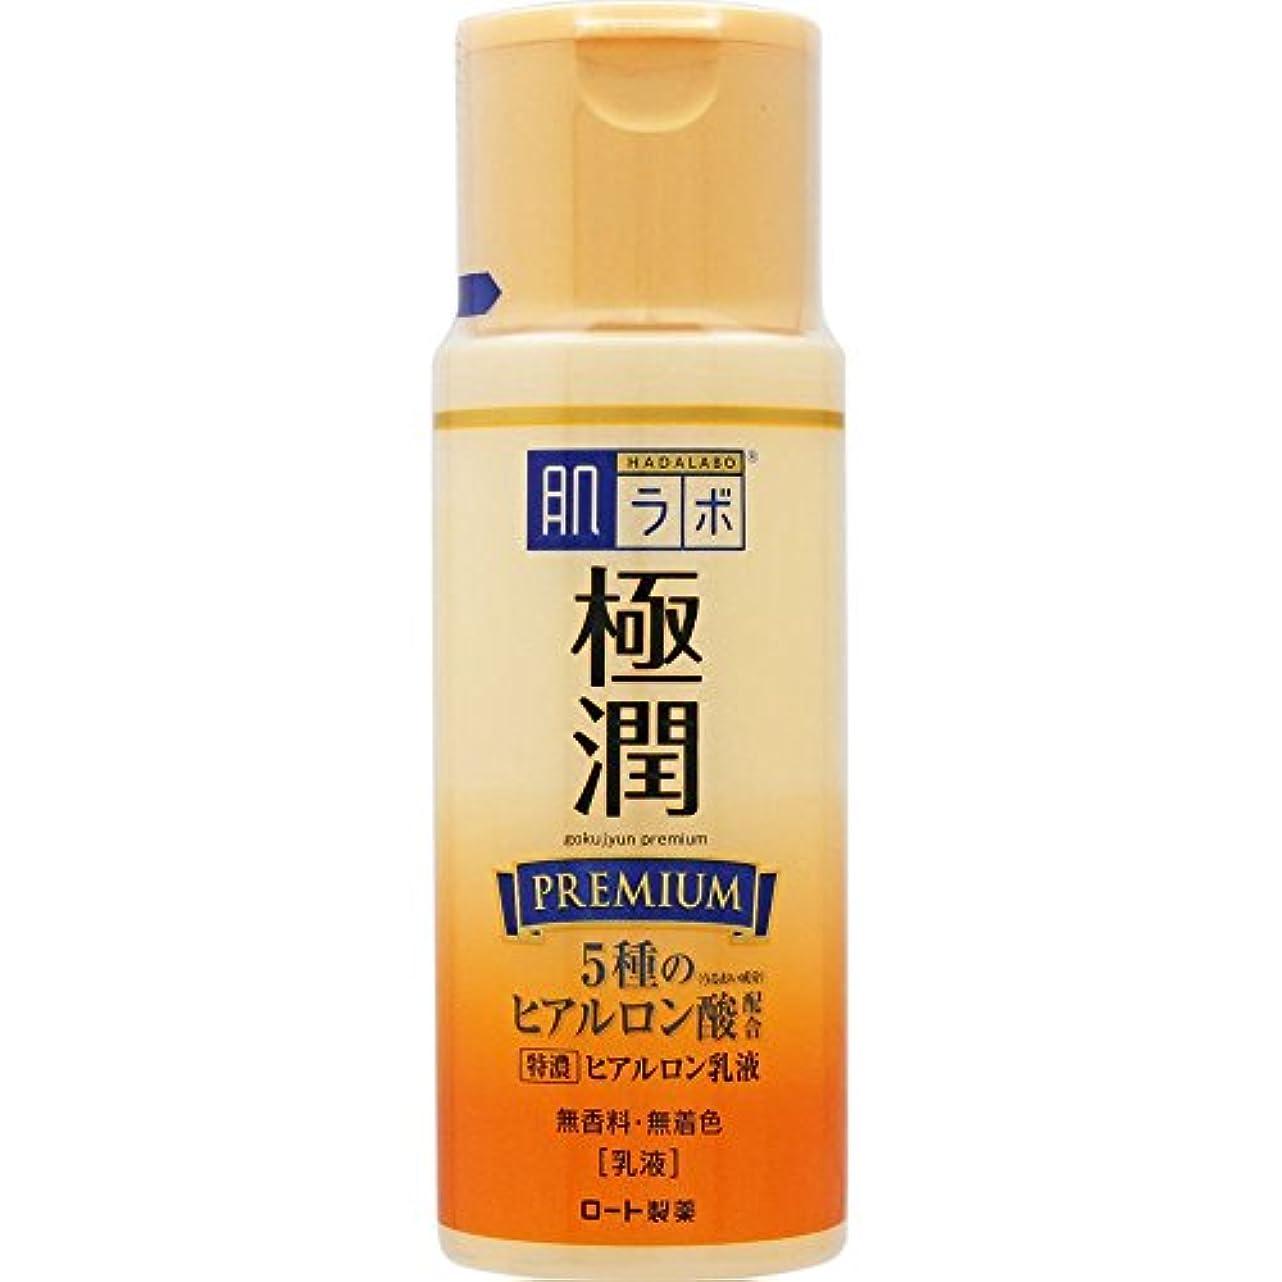 肌ラボ 極潤プレミアム 特濃ヒアルロン乳液 ヒアルロン酸5種類×サクラン配合 140ml